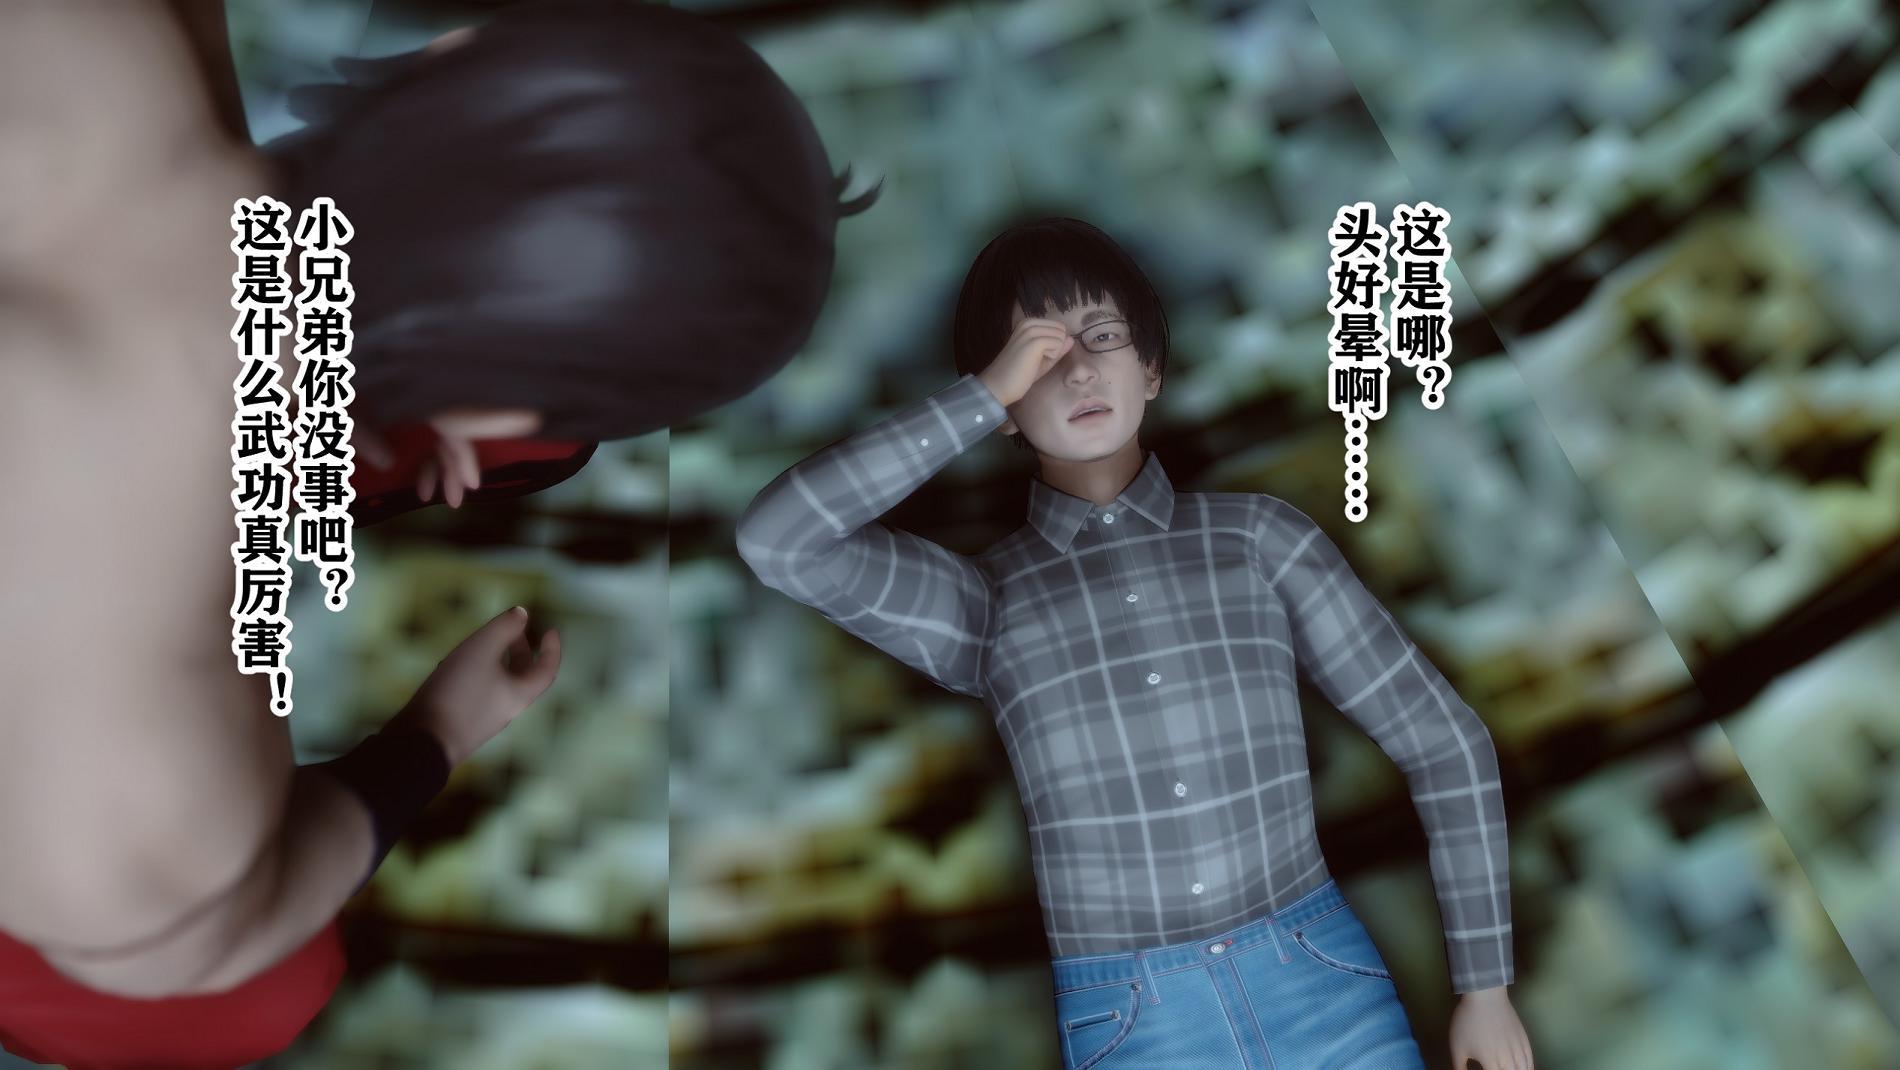 [3D全彩/无修]王鹏篇之极品家丁 [NTR/次世代引擎][67M]  4571 次元小屋